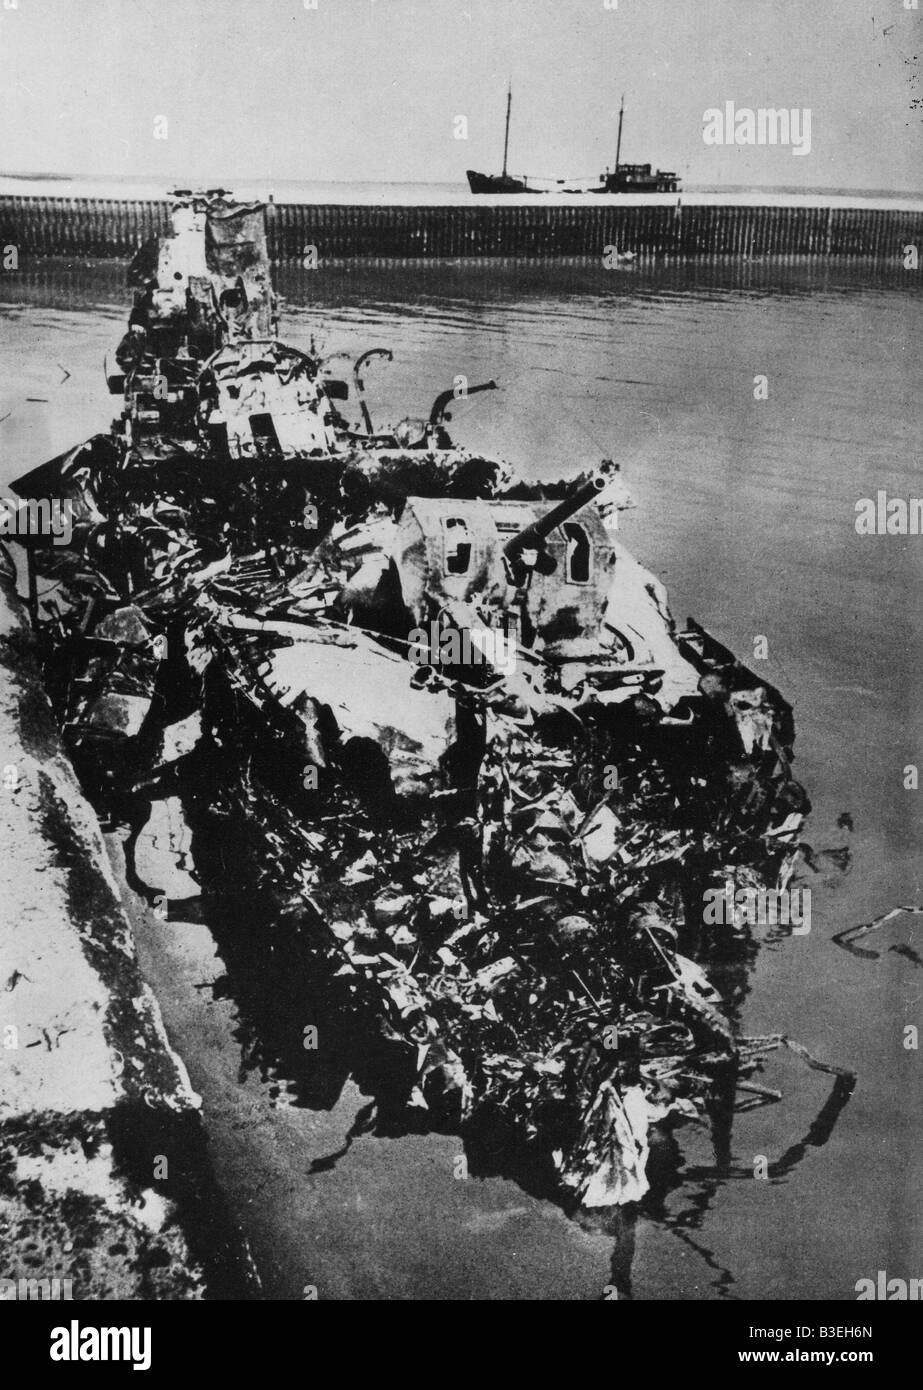 Destroyed destroyer / Dunkirk / 1940 - Stock Image